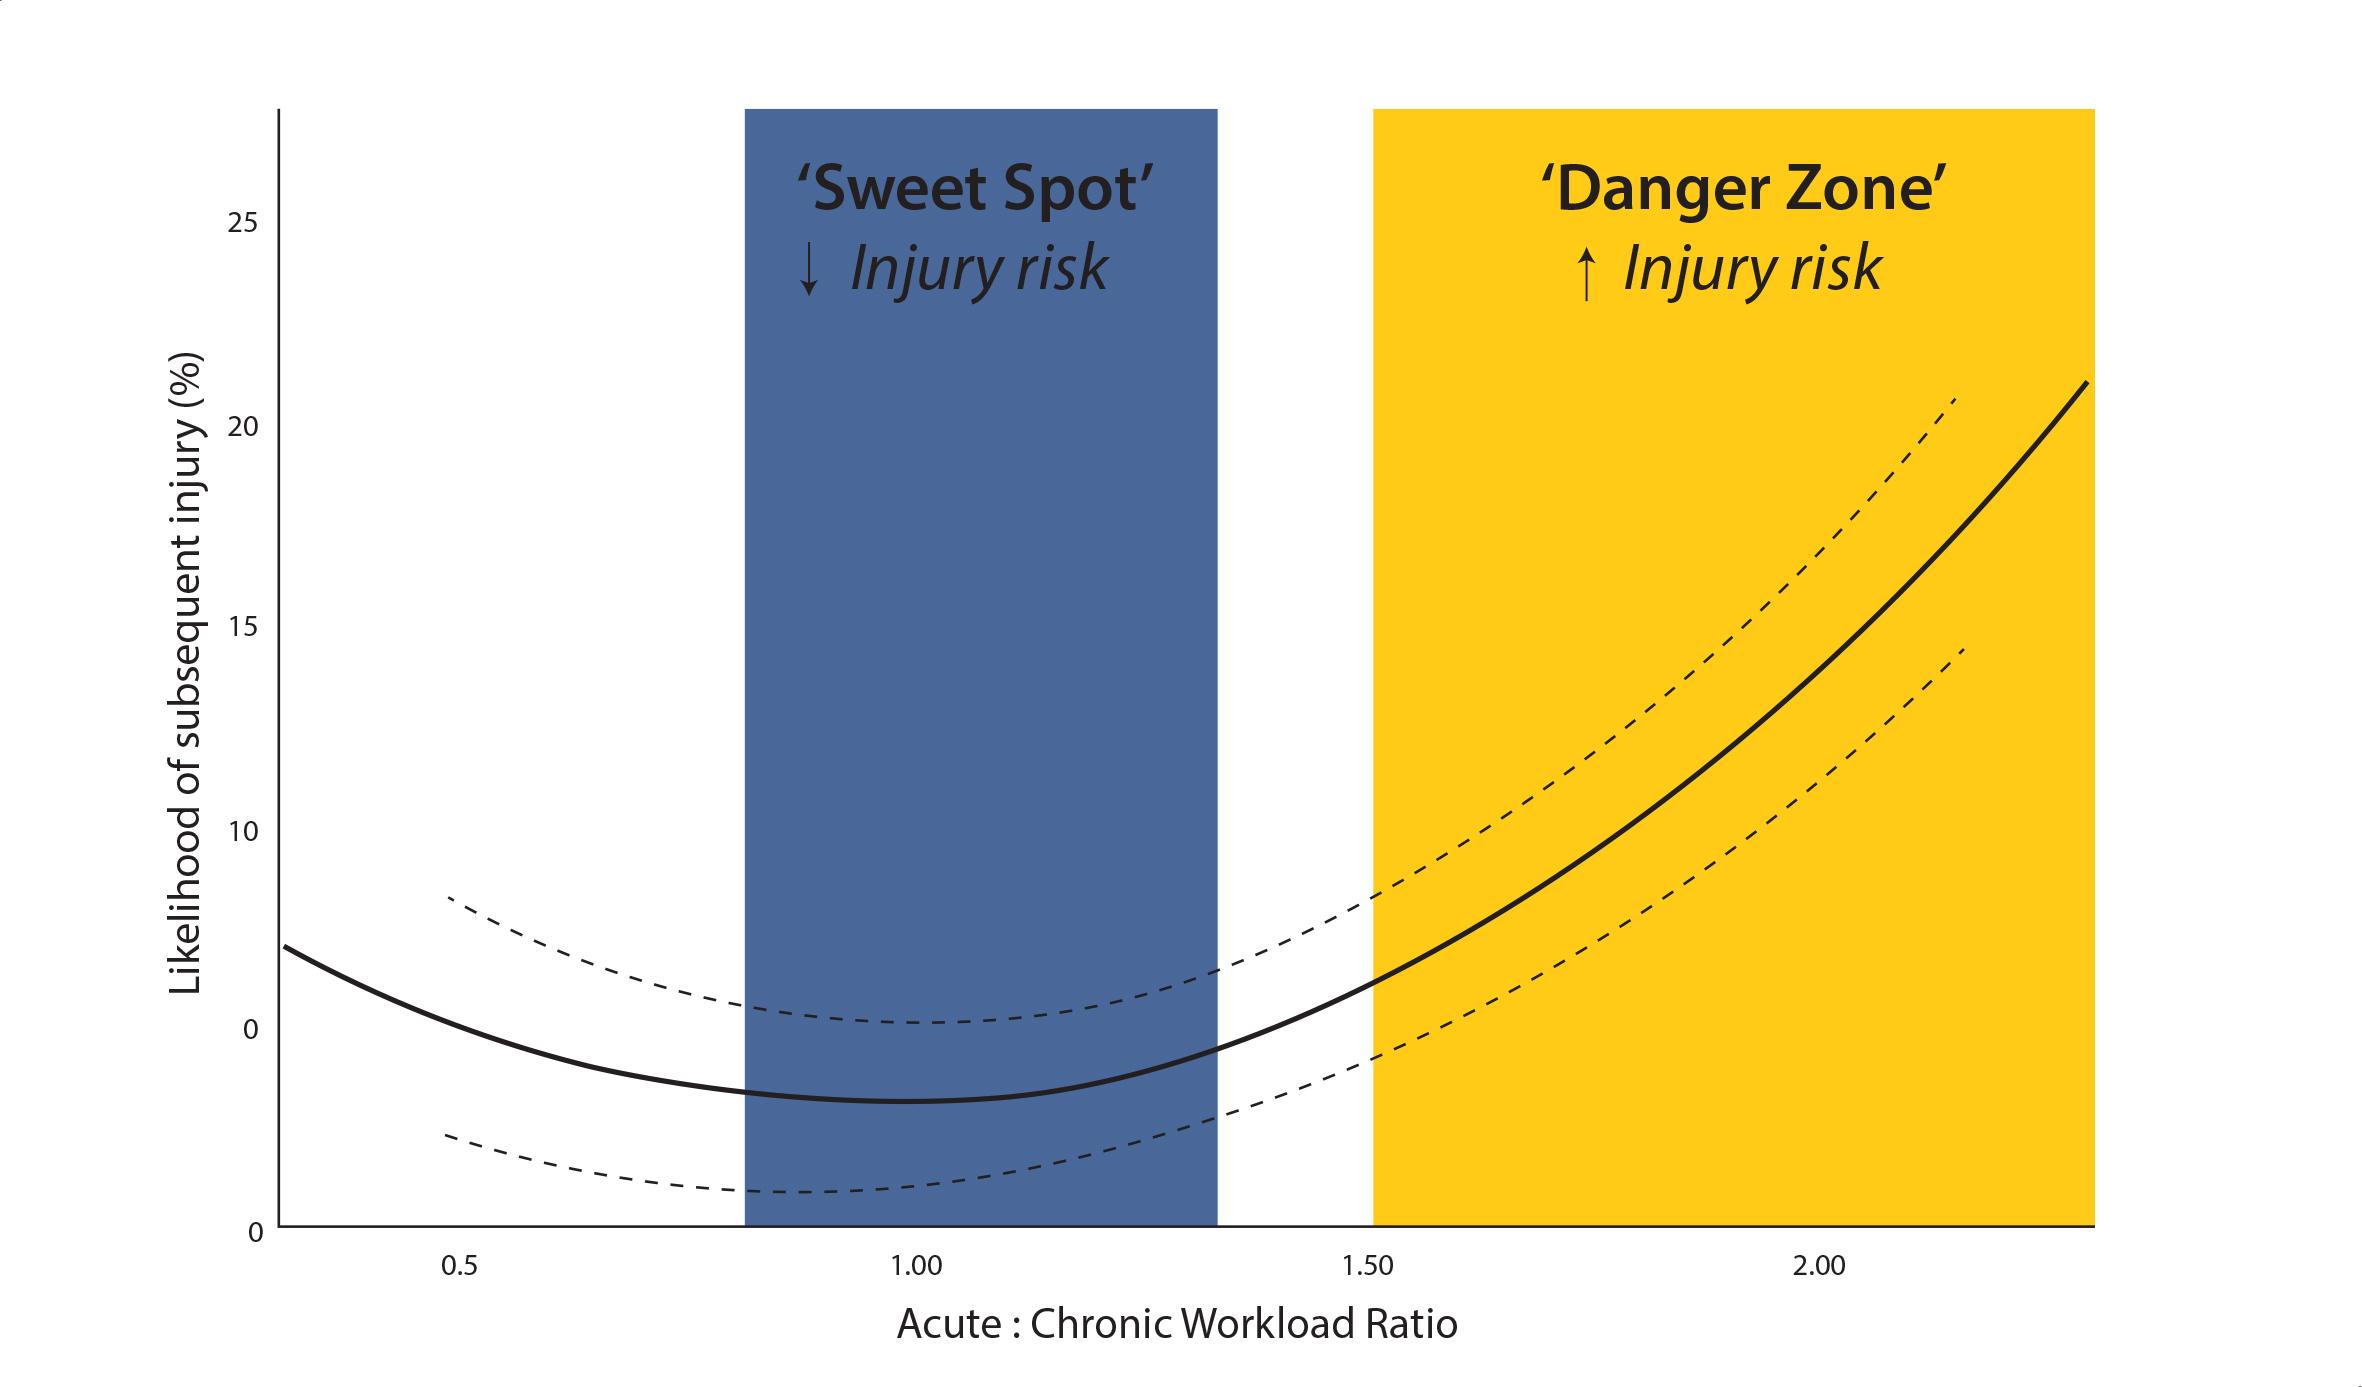 Figura 4. Zones de risc de lesió segons la ràtio de càrrega del jugador. La zona blava representa un risc de lesió baix, mentre que la groga, un risc alt. Model proposat per Blanch i Gabbett (2016).